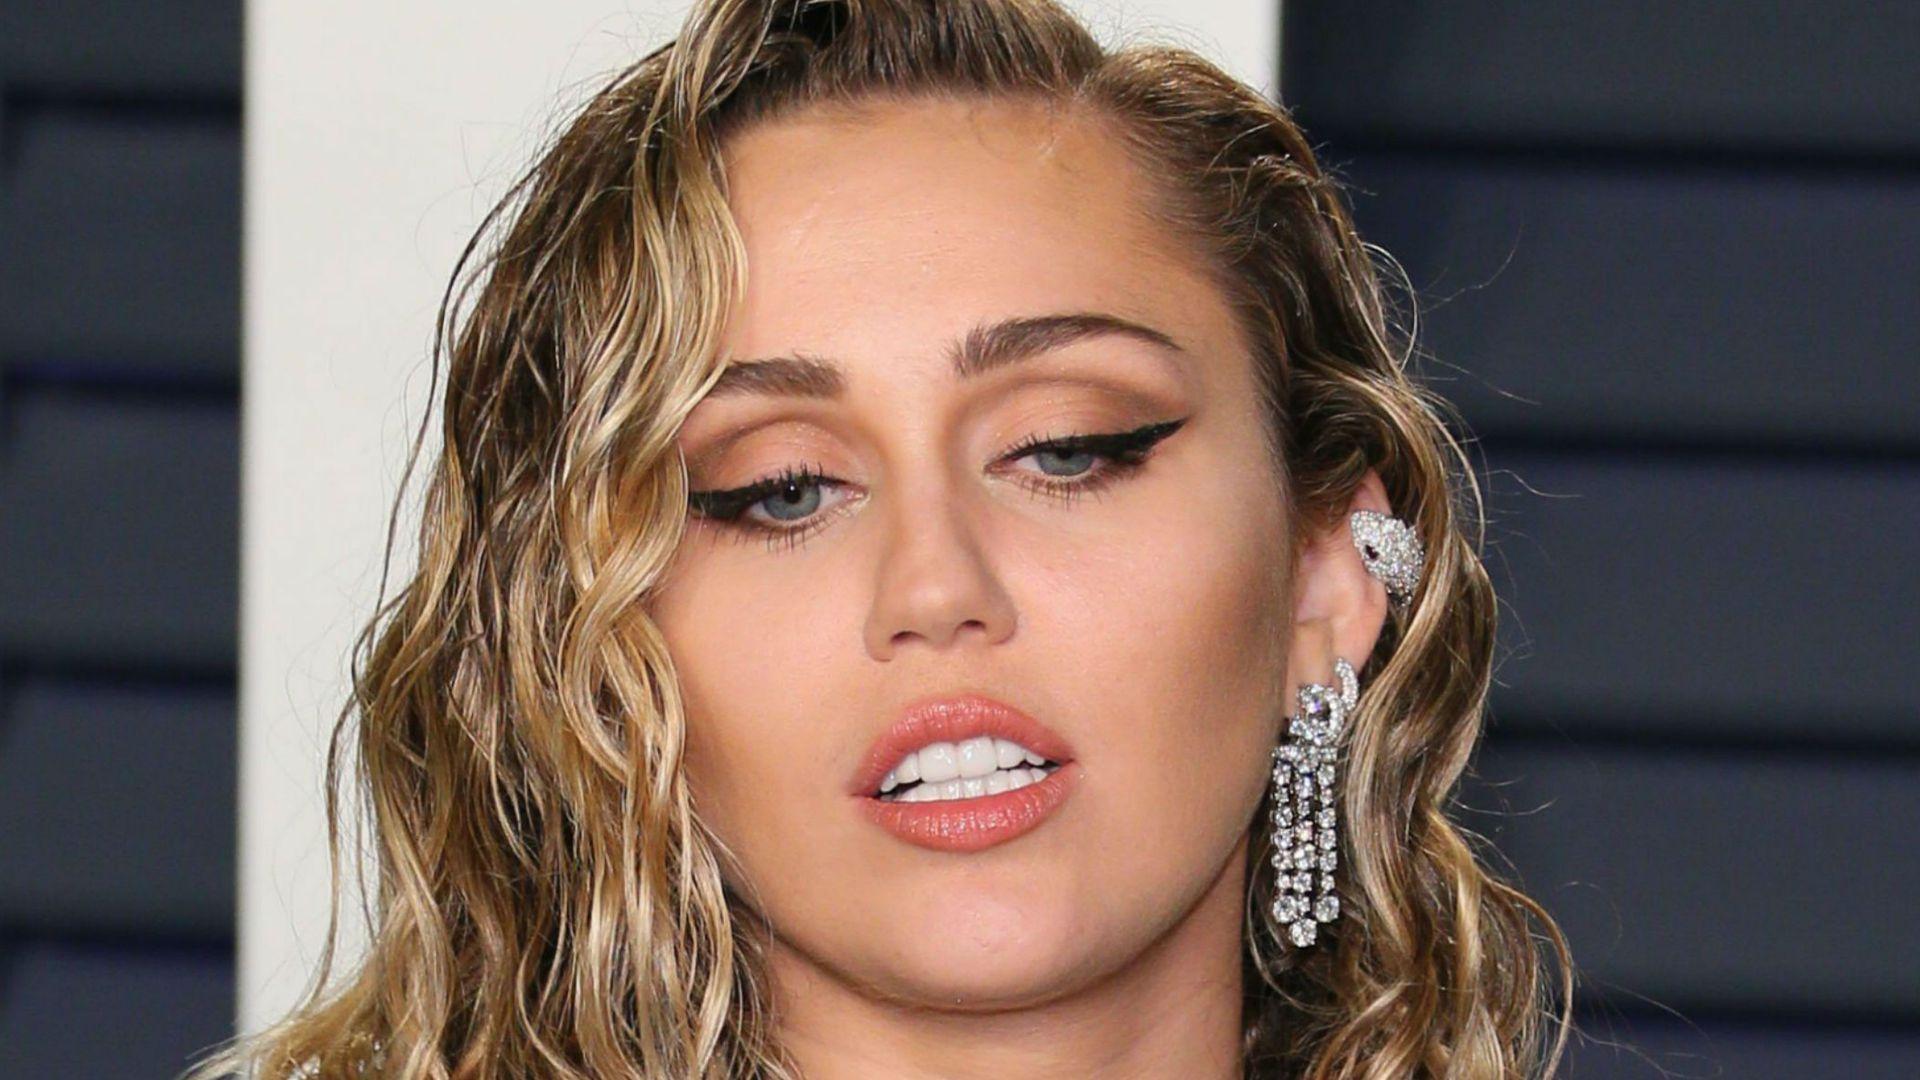 Unerwartet: Miley Cyrus hat gerade sehr viel FaceTime-Sex